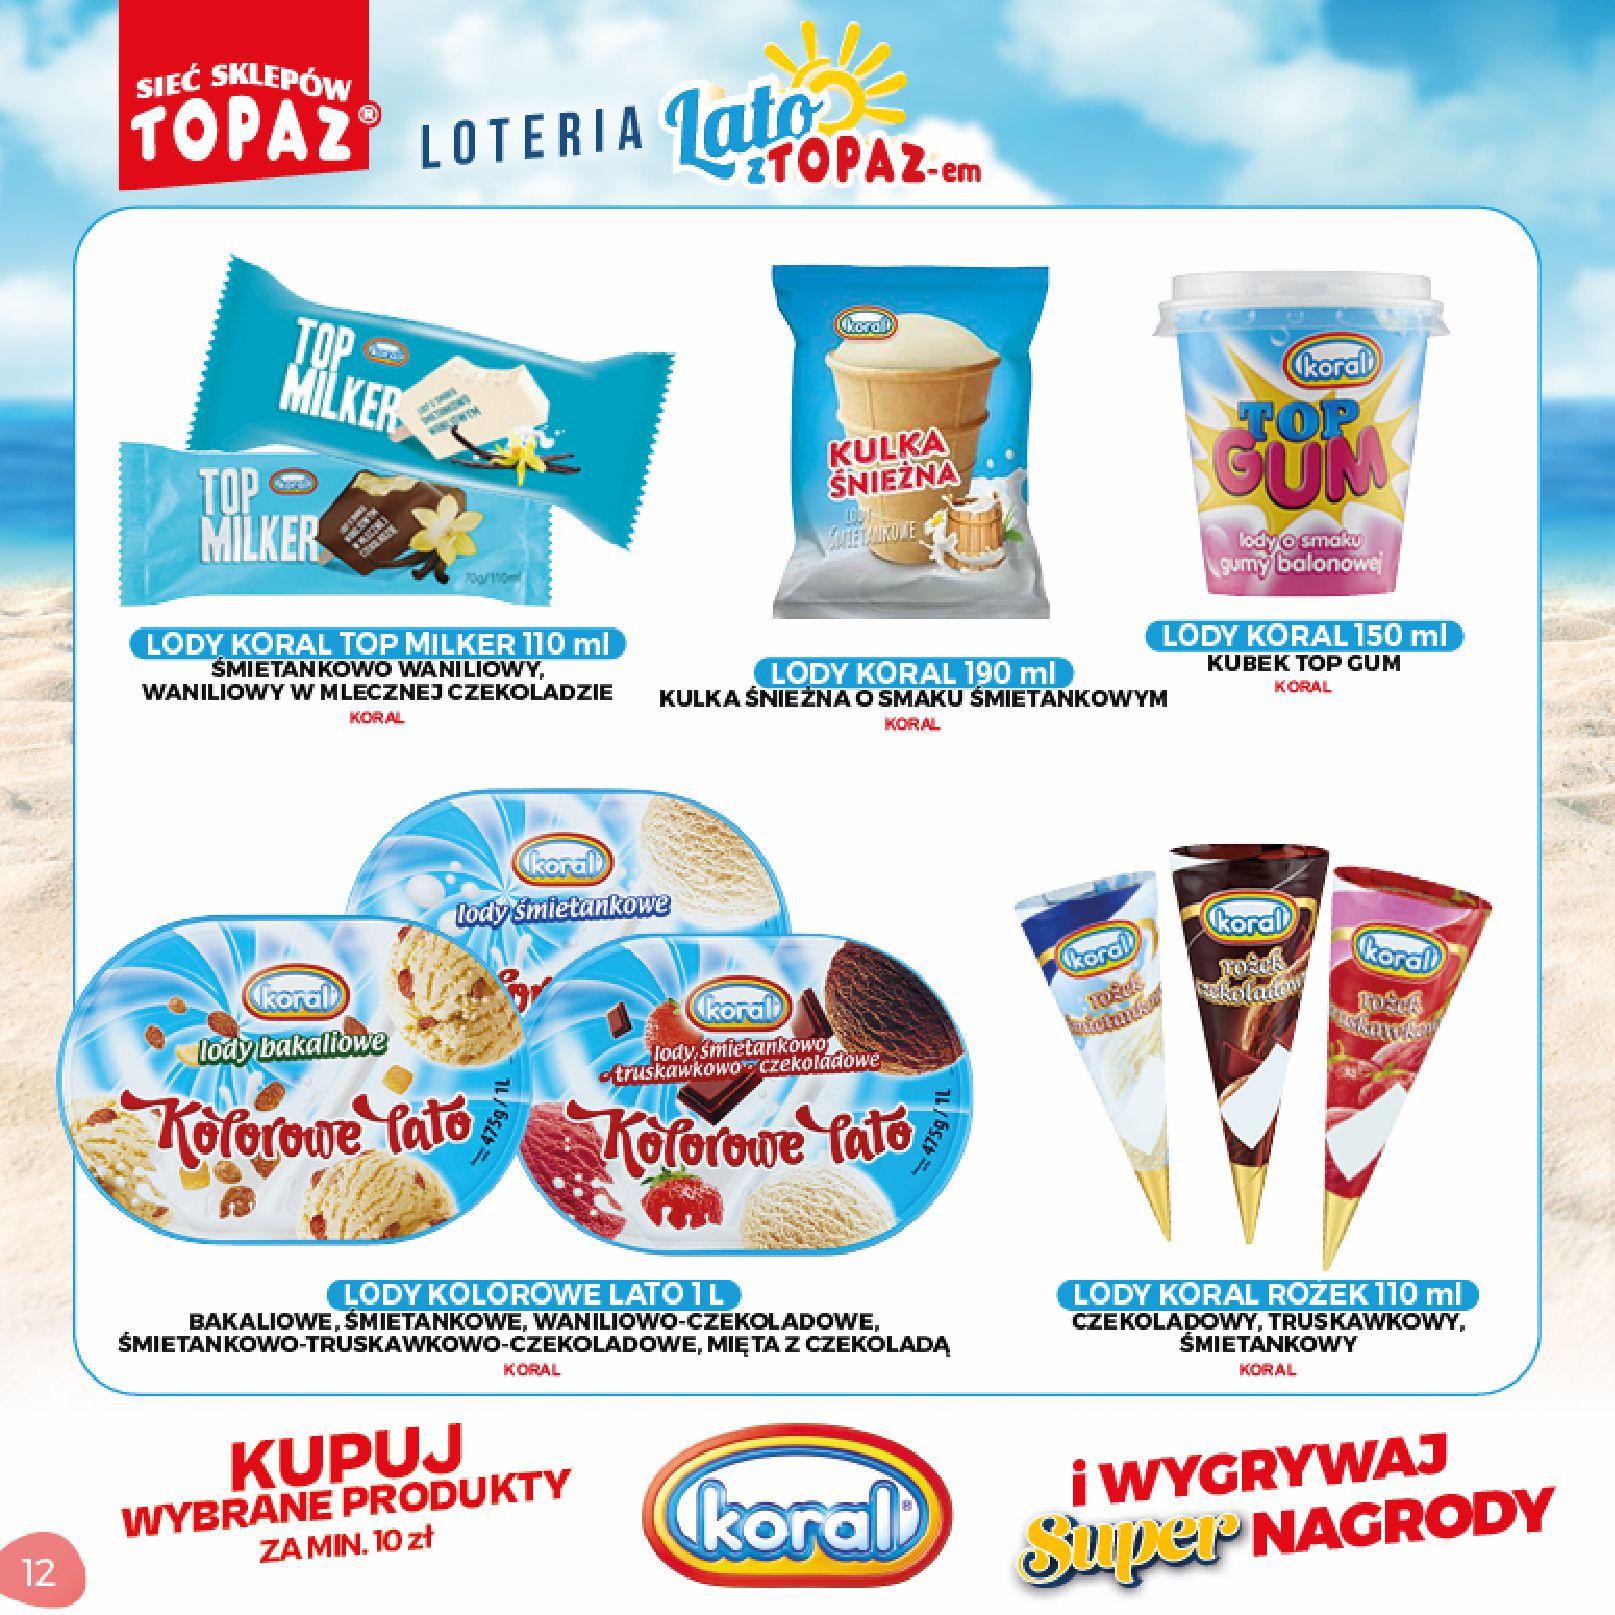 Gazetka TOPAZ: Gazetka TOPAZ - Loteria 2021-07-05 page-12